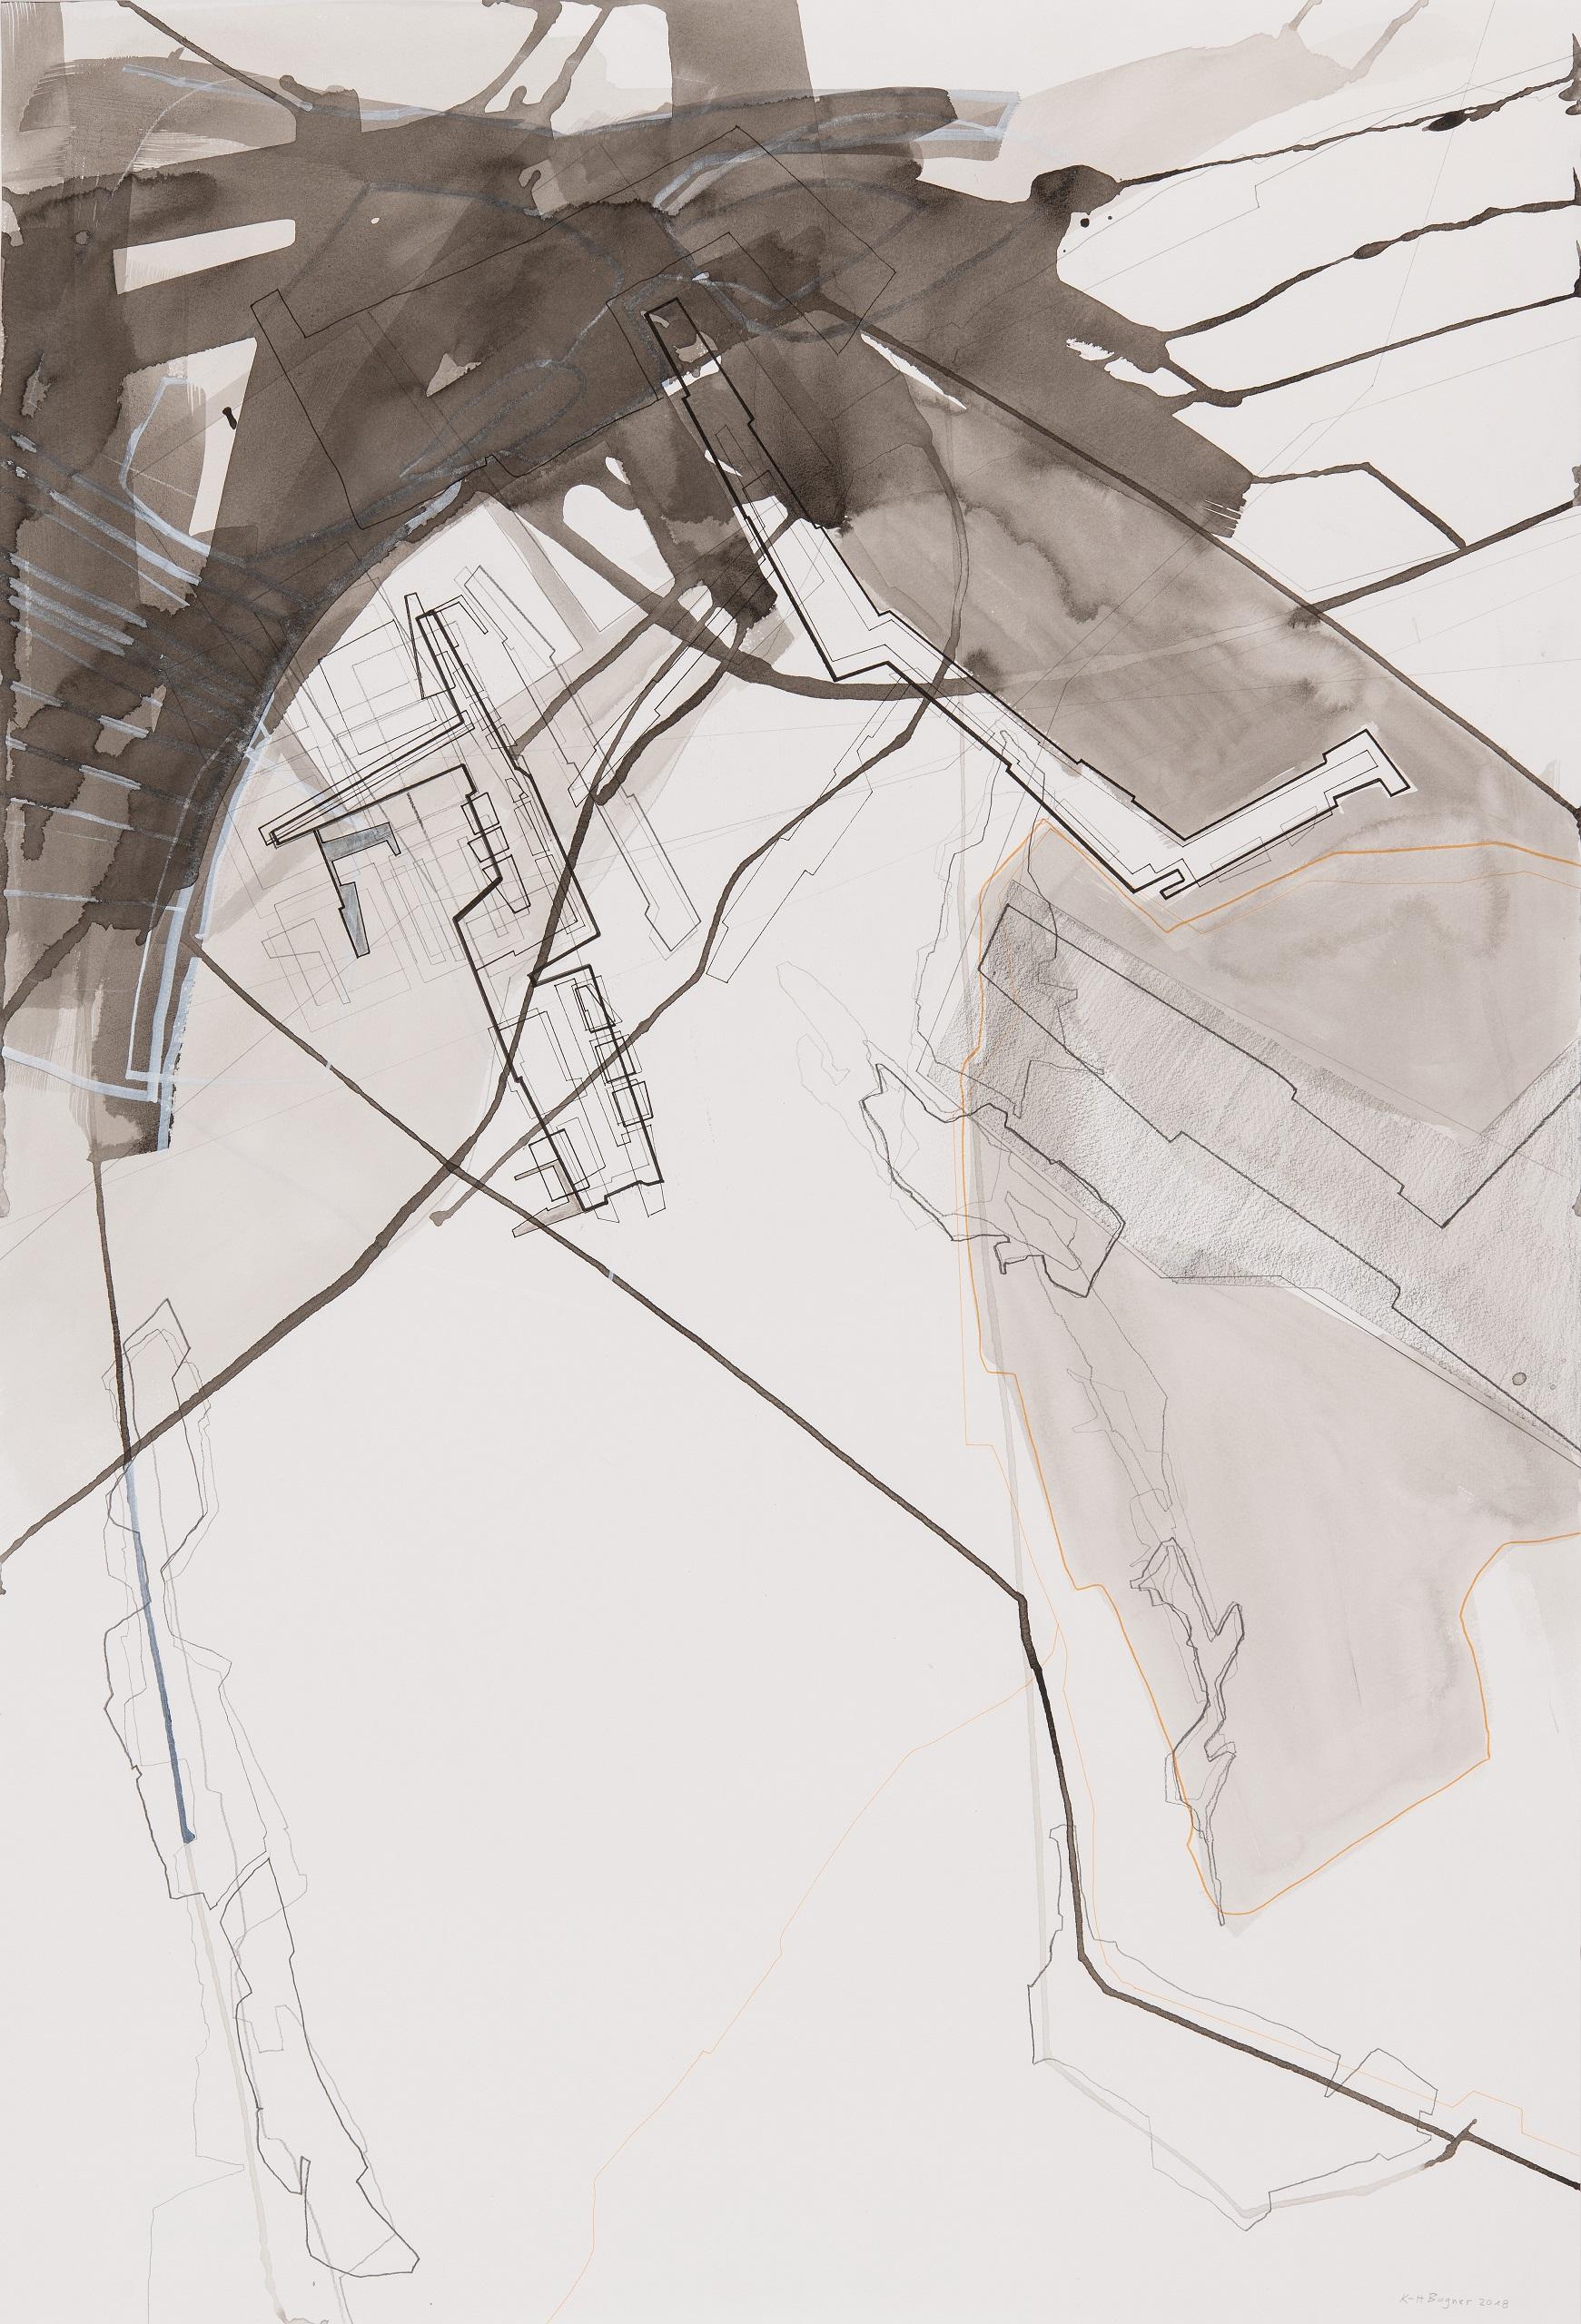 Karl-Heinz Bogner, Ohne Titel, 2018, Mischtechnik auf Papier, 94 x 64 cm